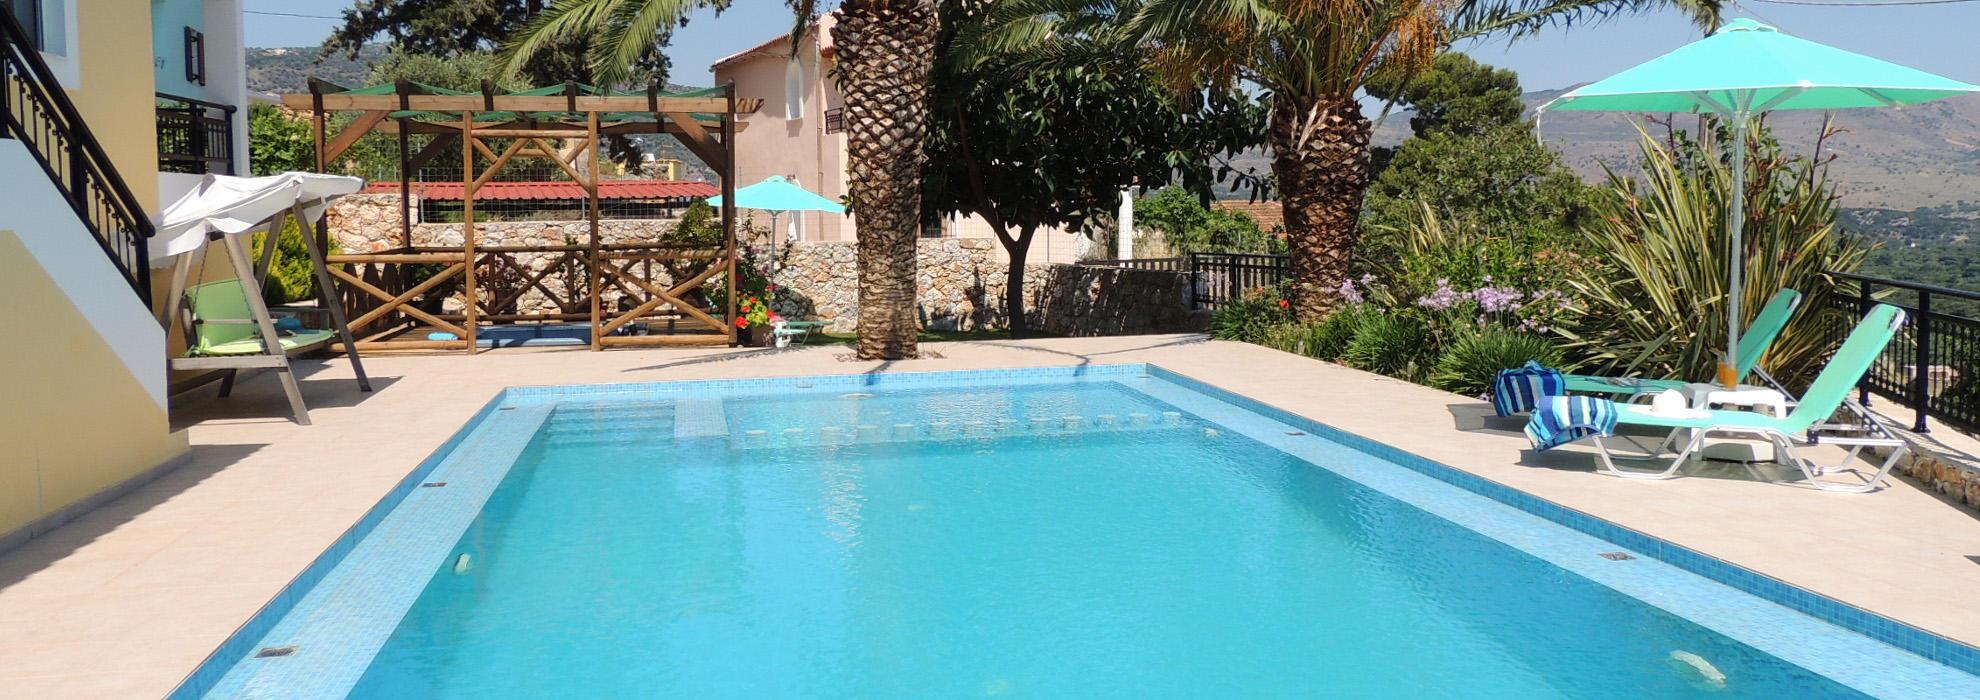 Crete Villa Holidays With Flights